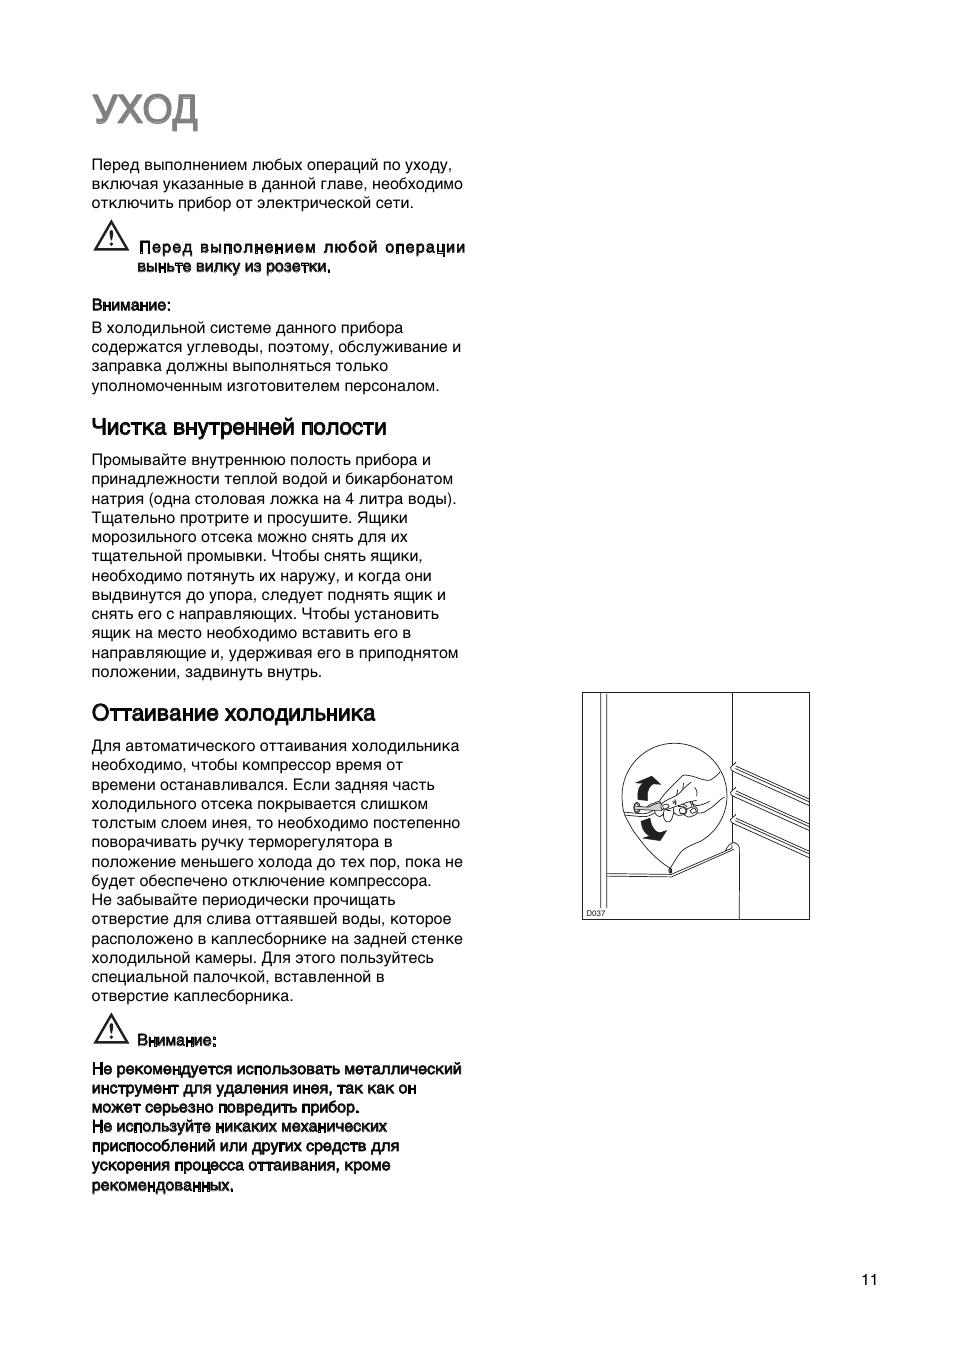 холодильноик zanussi zjb 9476 инструкция